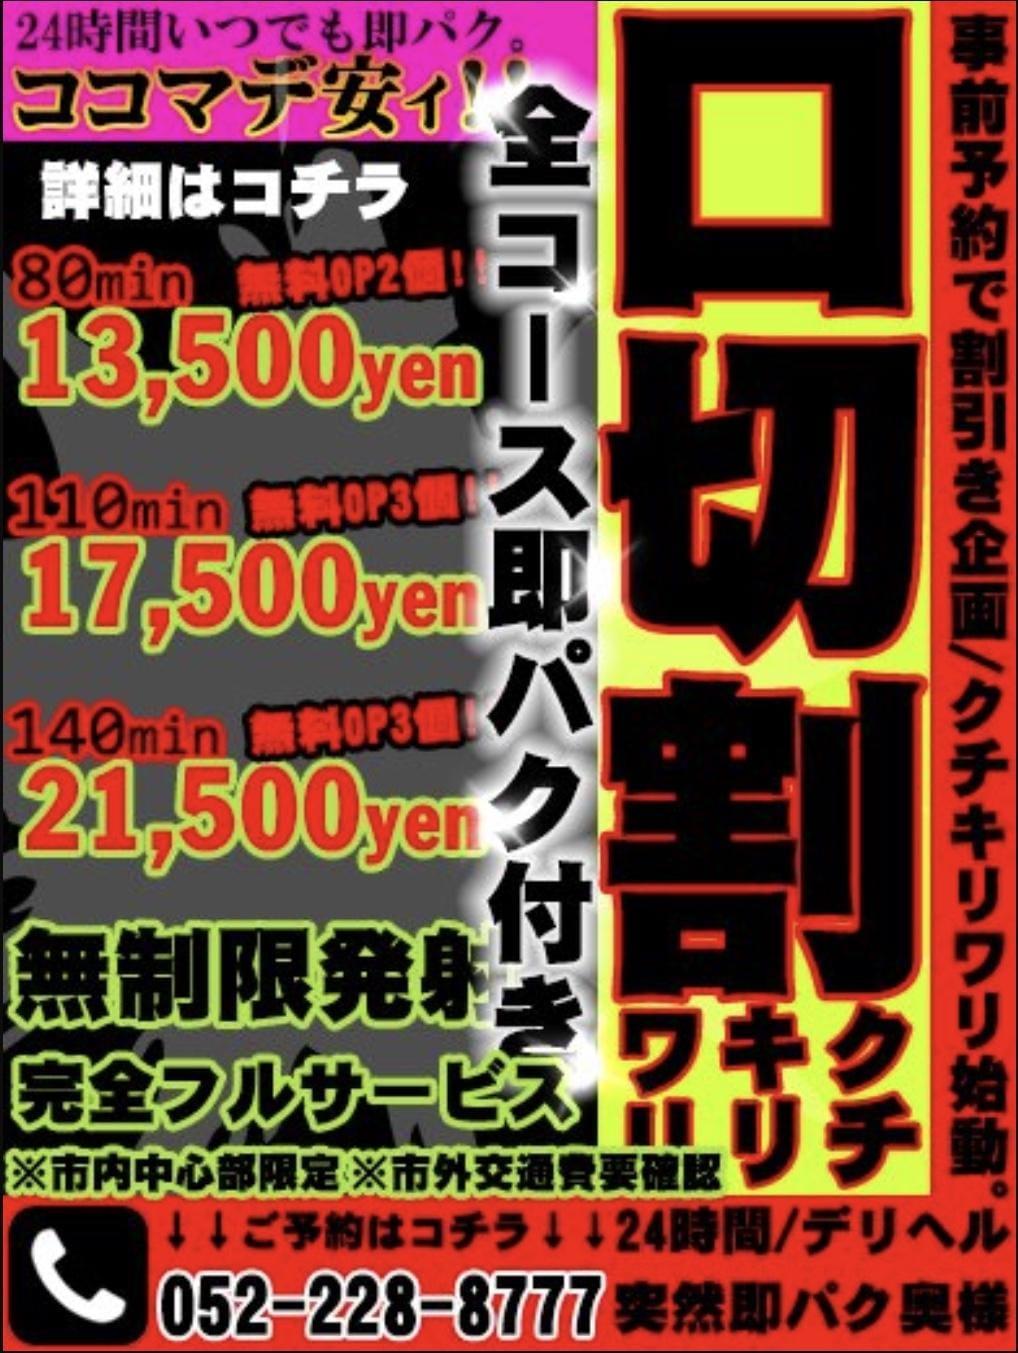 のあ「☆ すっごくお得!!口切割 ☆」06/20(水) 11:14 | のあの写メ・風俗動画